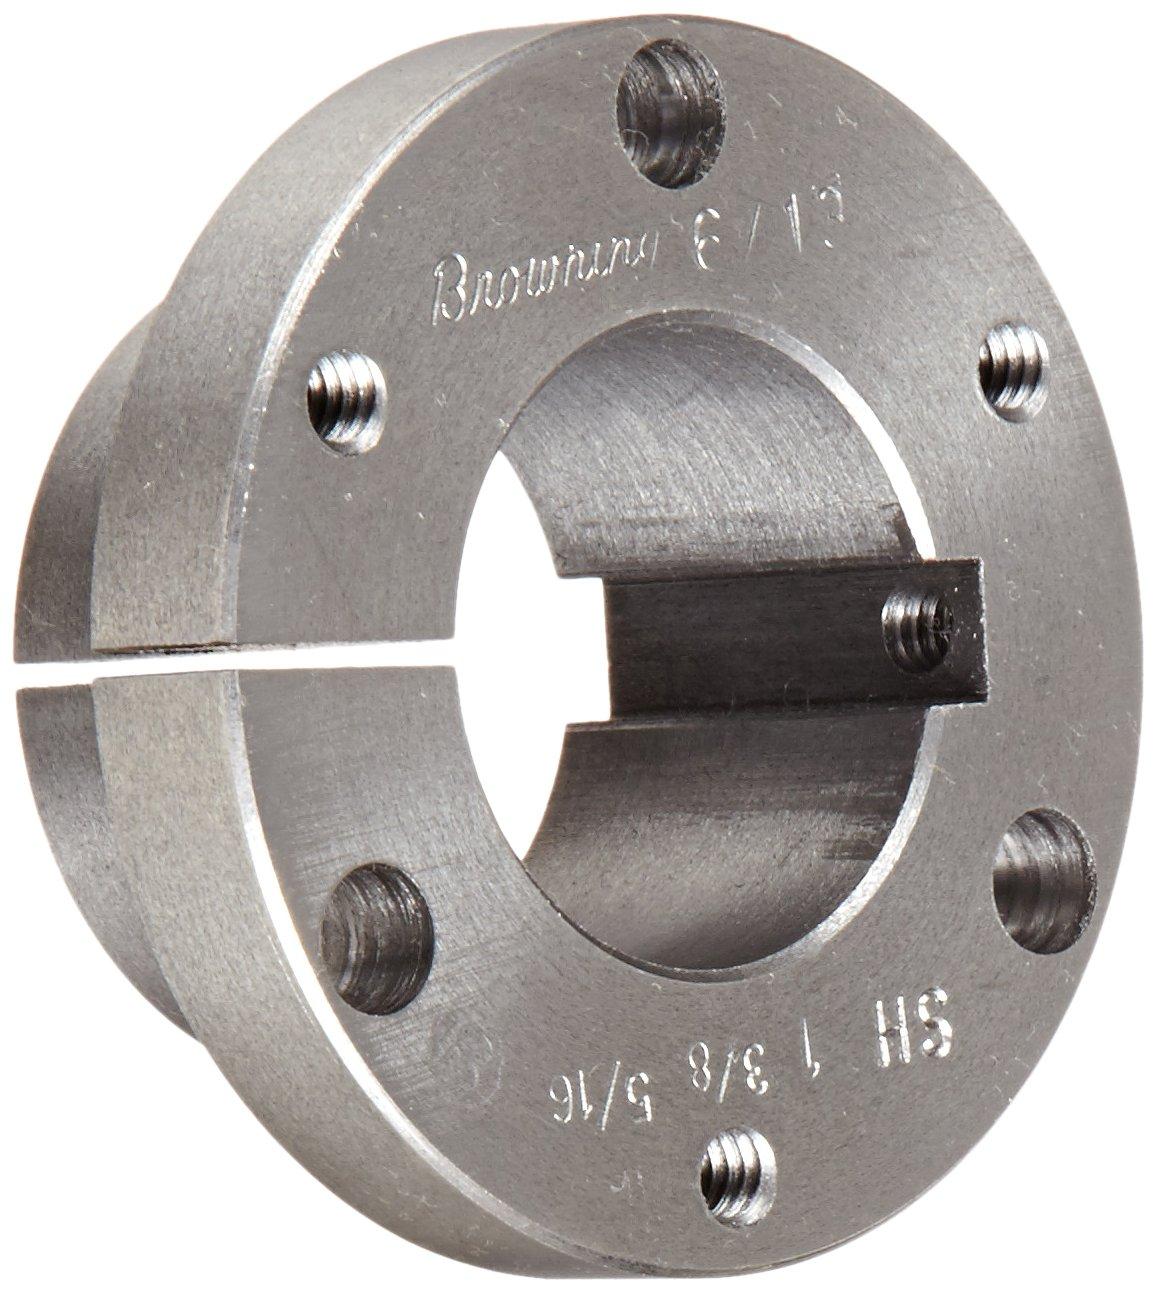 Browning SH 1 3/8 5/16 Q-D Bushing 1-3/8 Bore 5/16